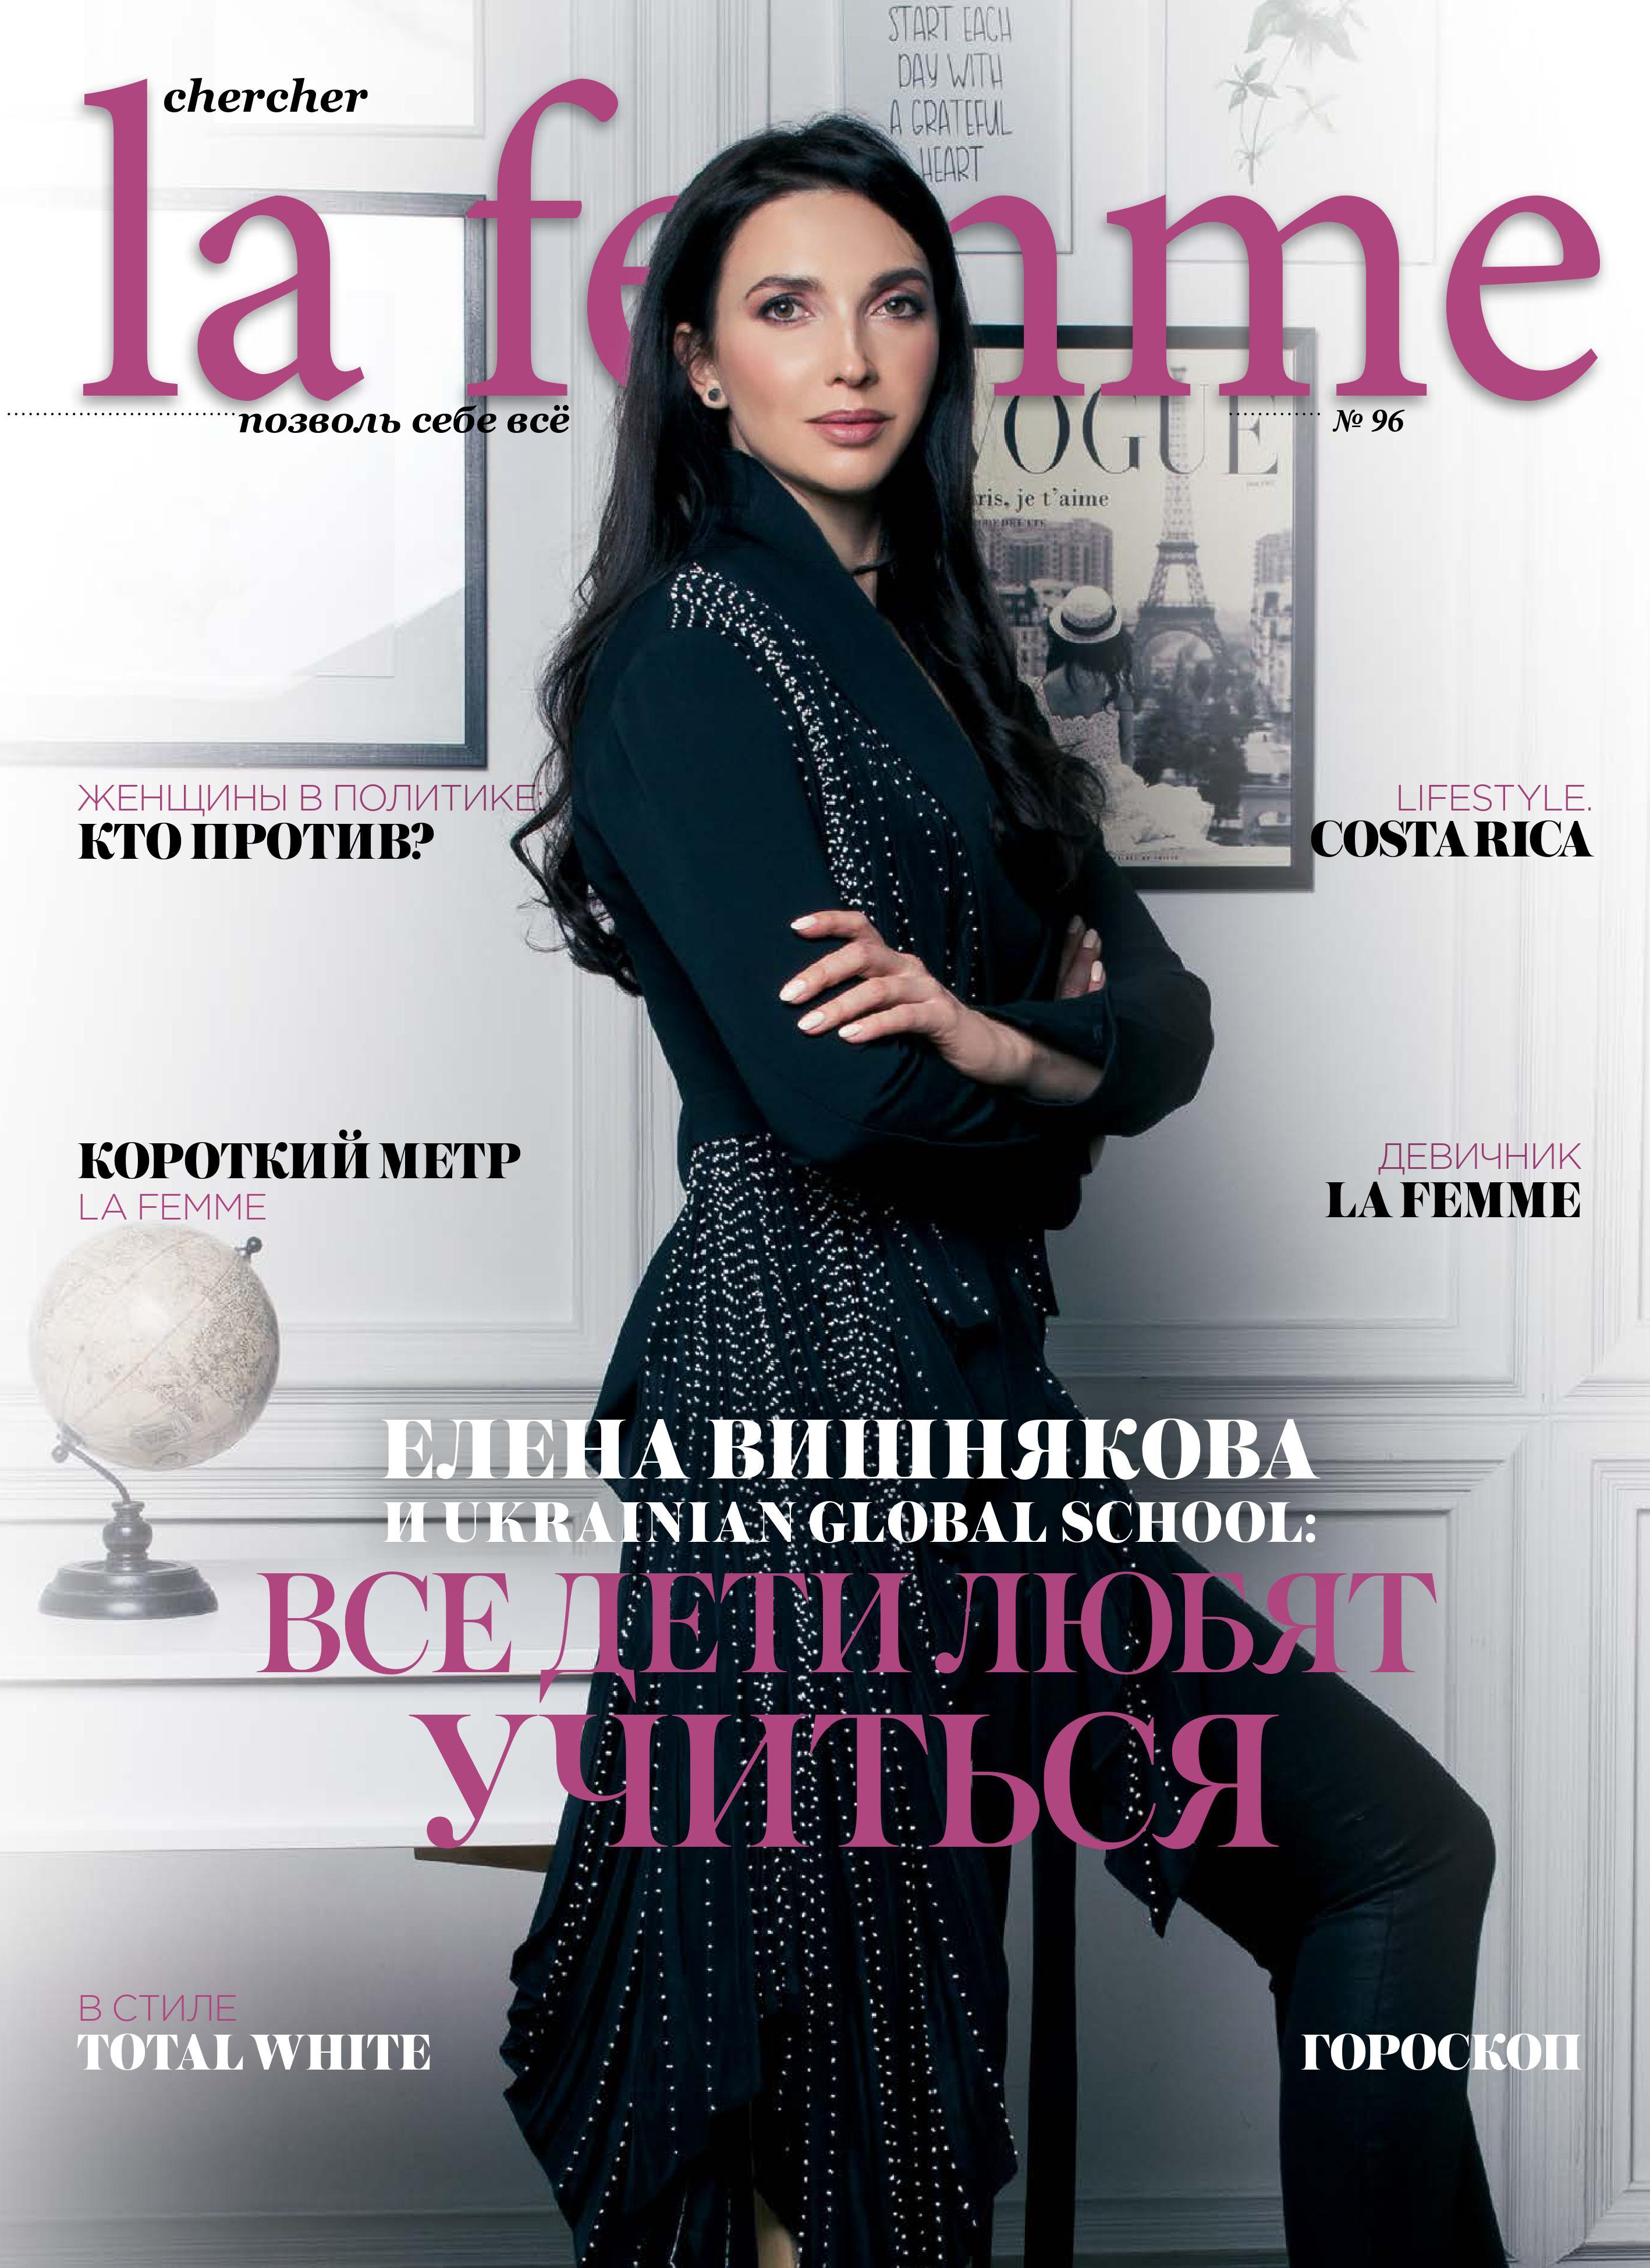 обложка женского журнала